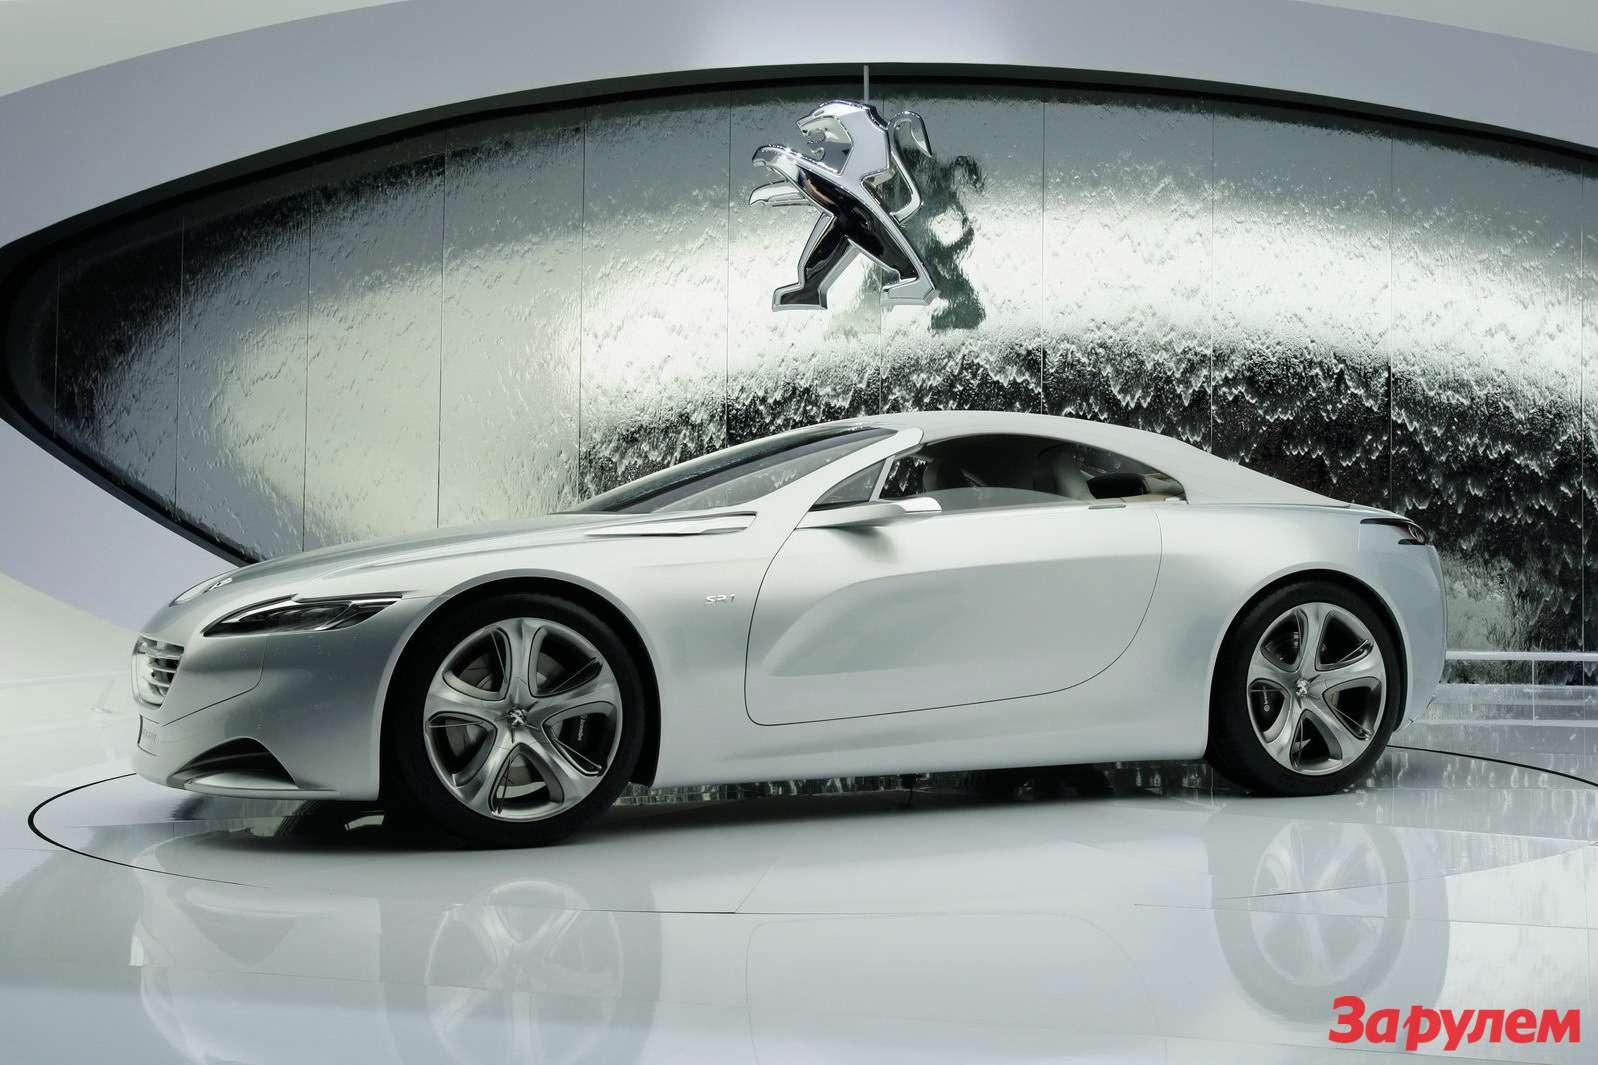 Peugeot-SR1